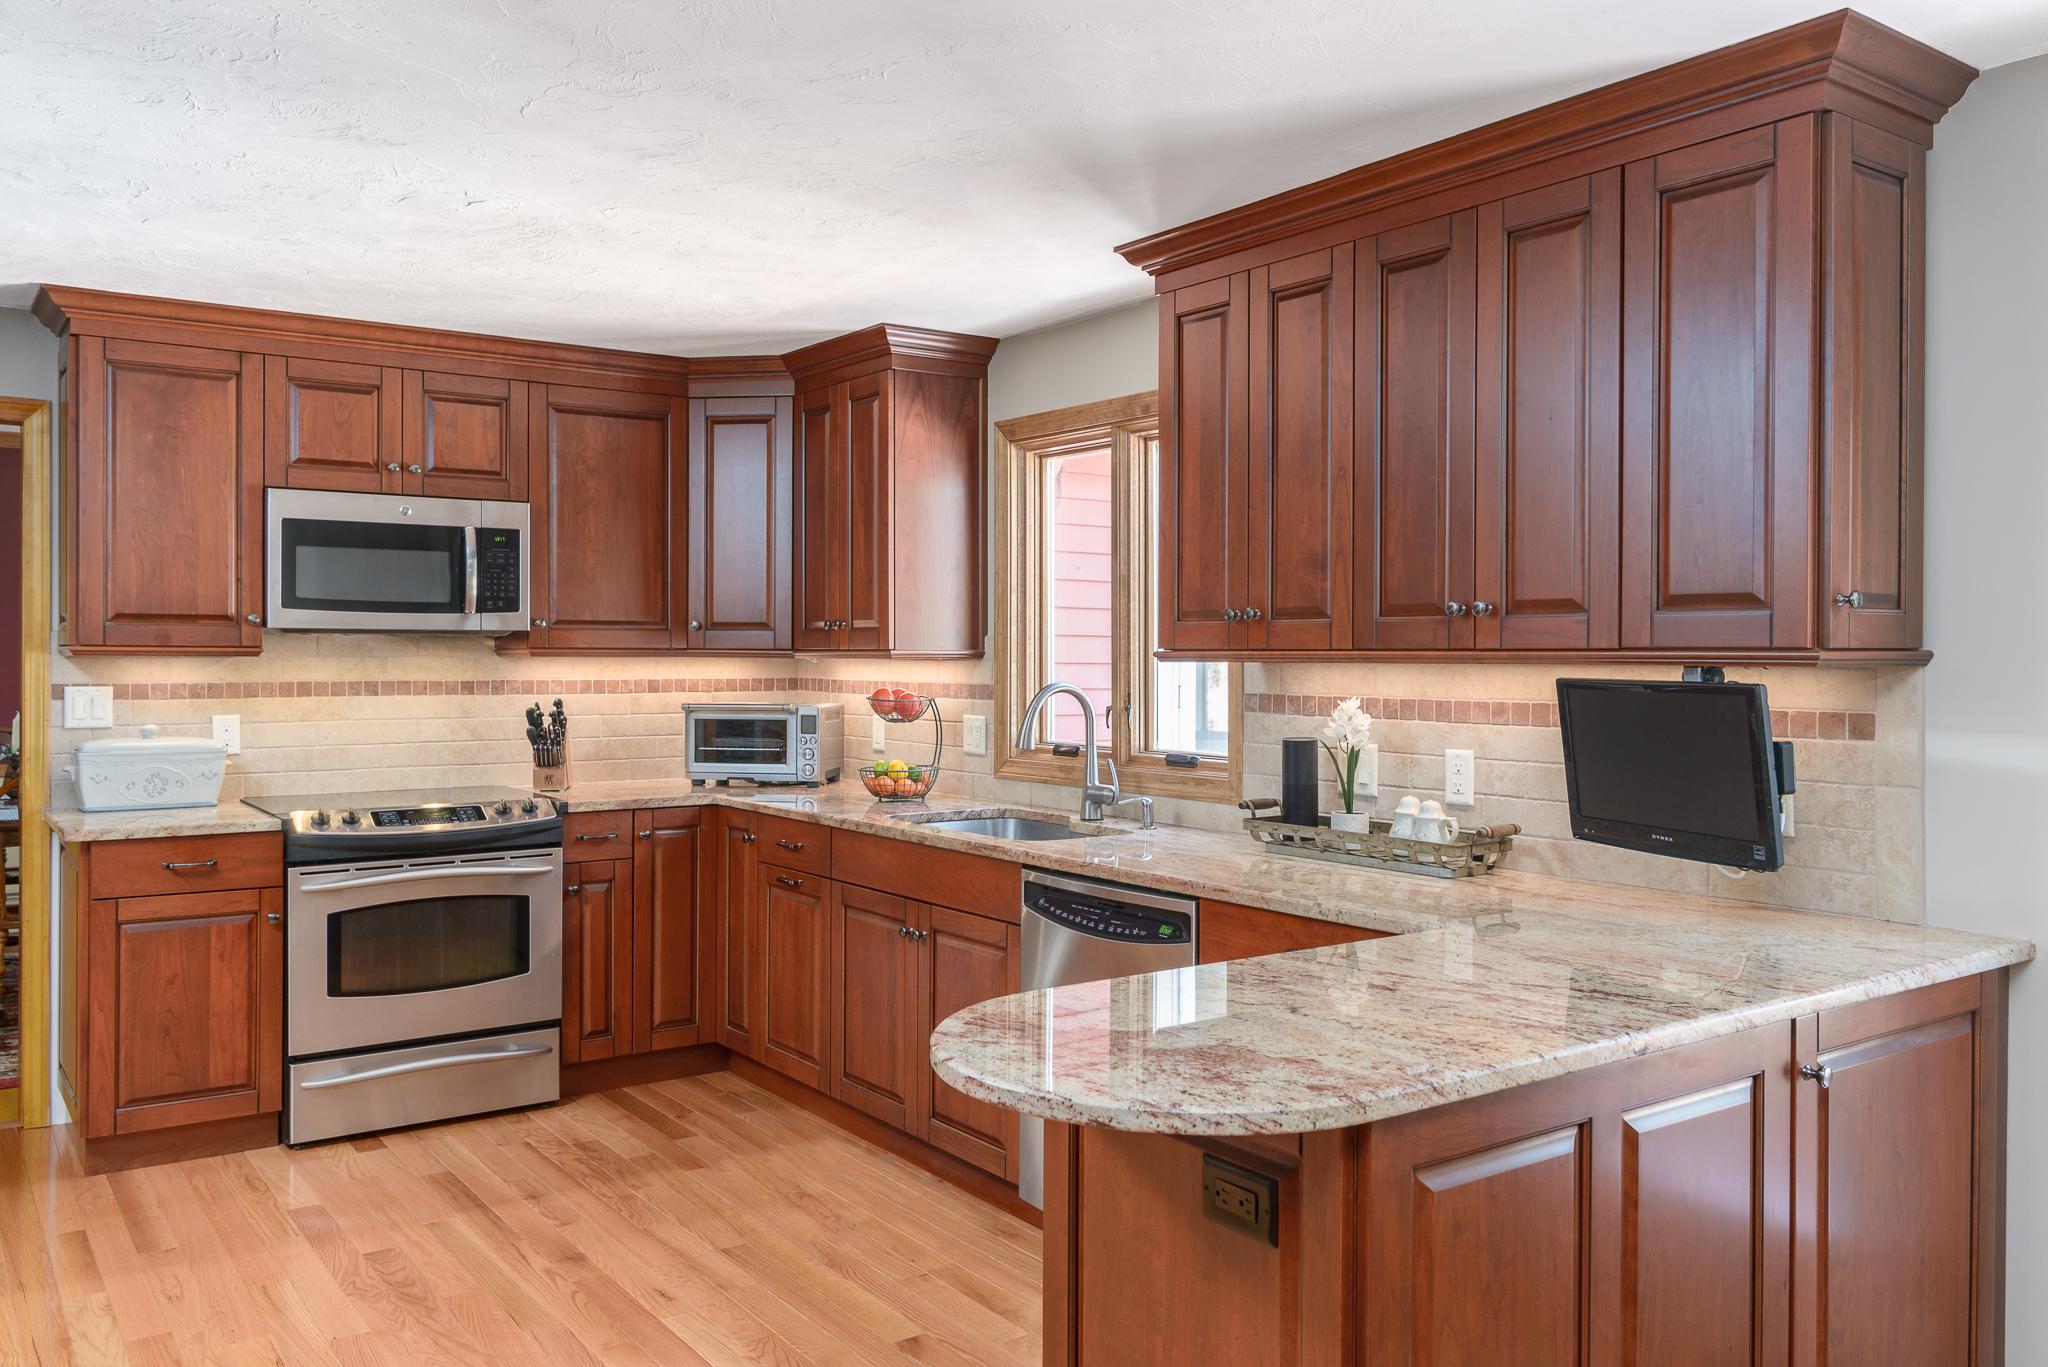 Marlborough Kitchen Associates Massachusetts Kitchen Remodeling